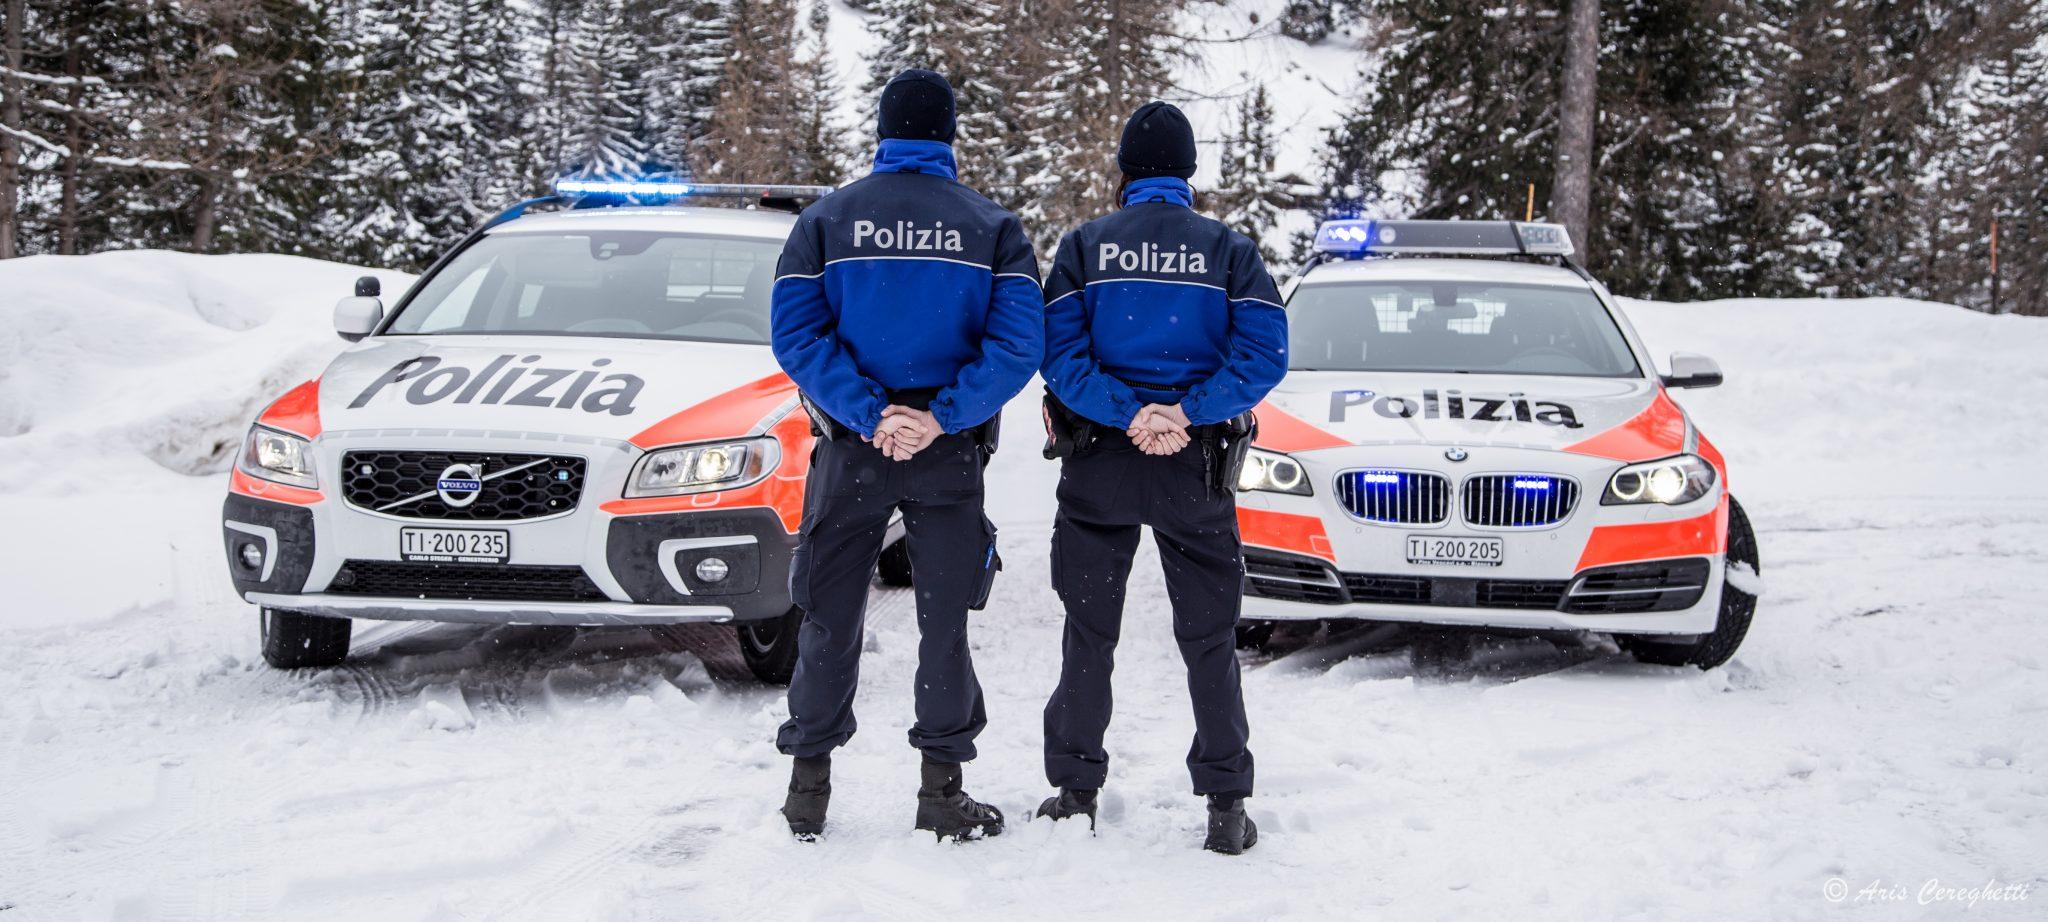 Polizia:  far fronte a ogni genere di minaccia